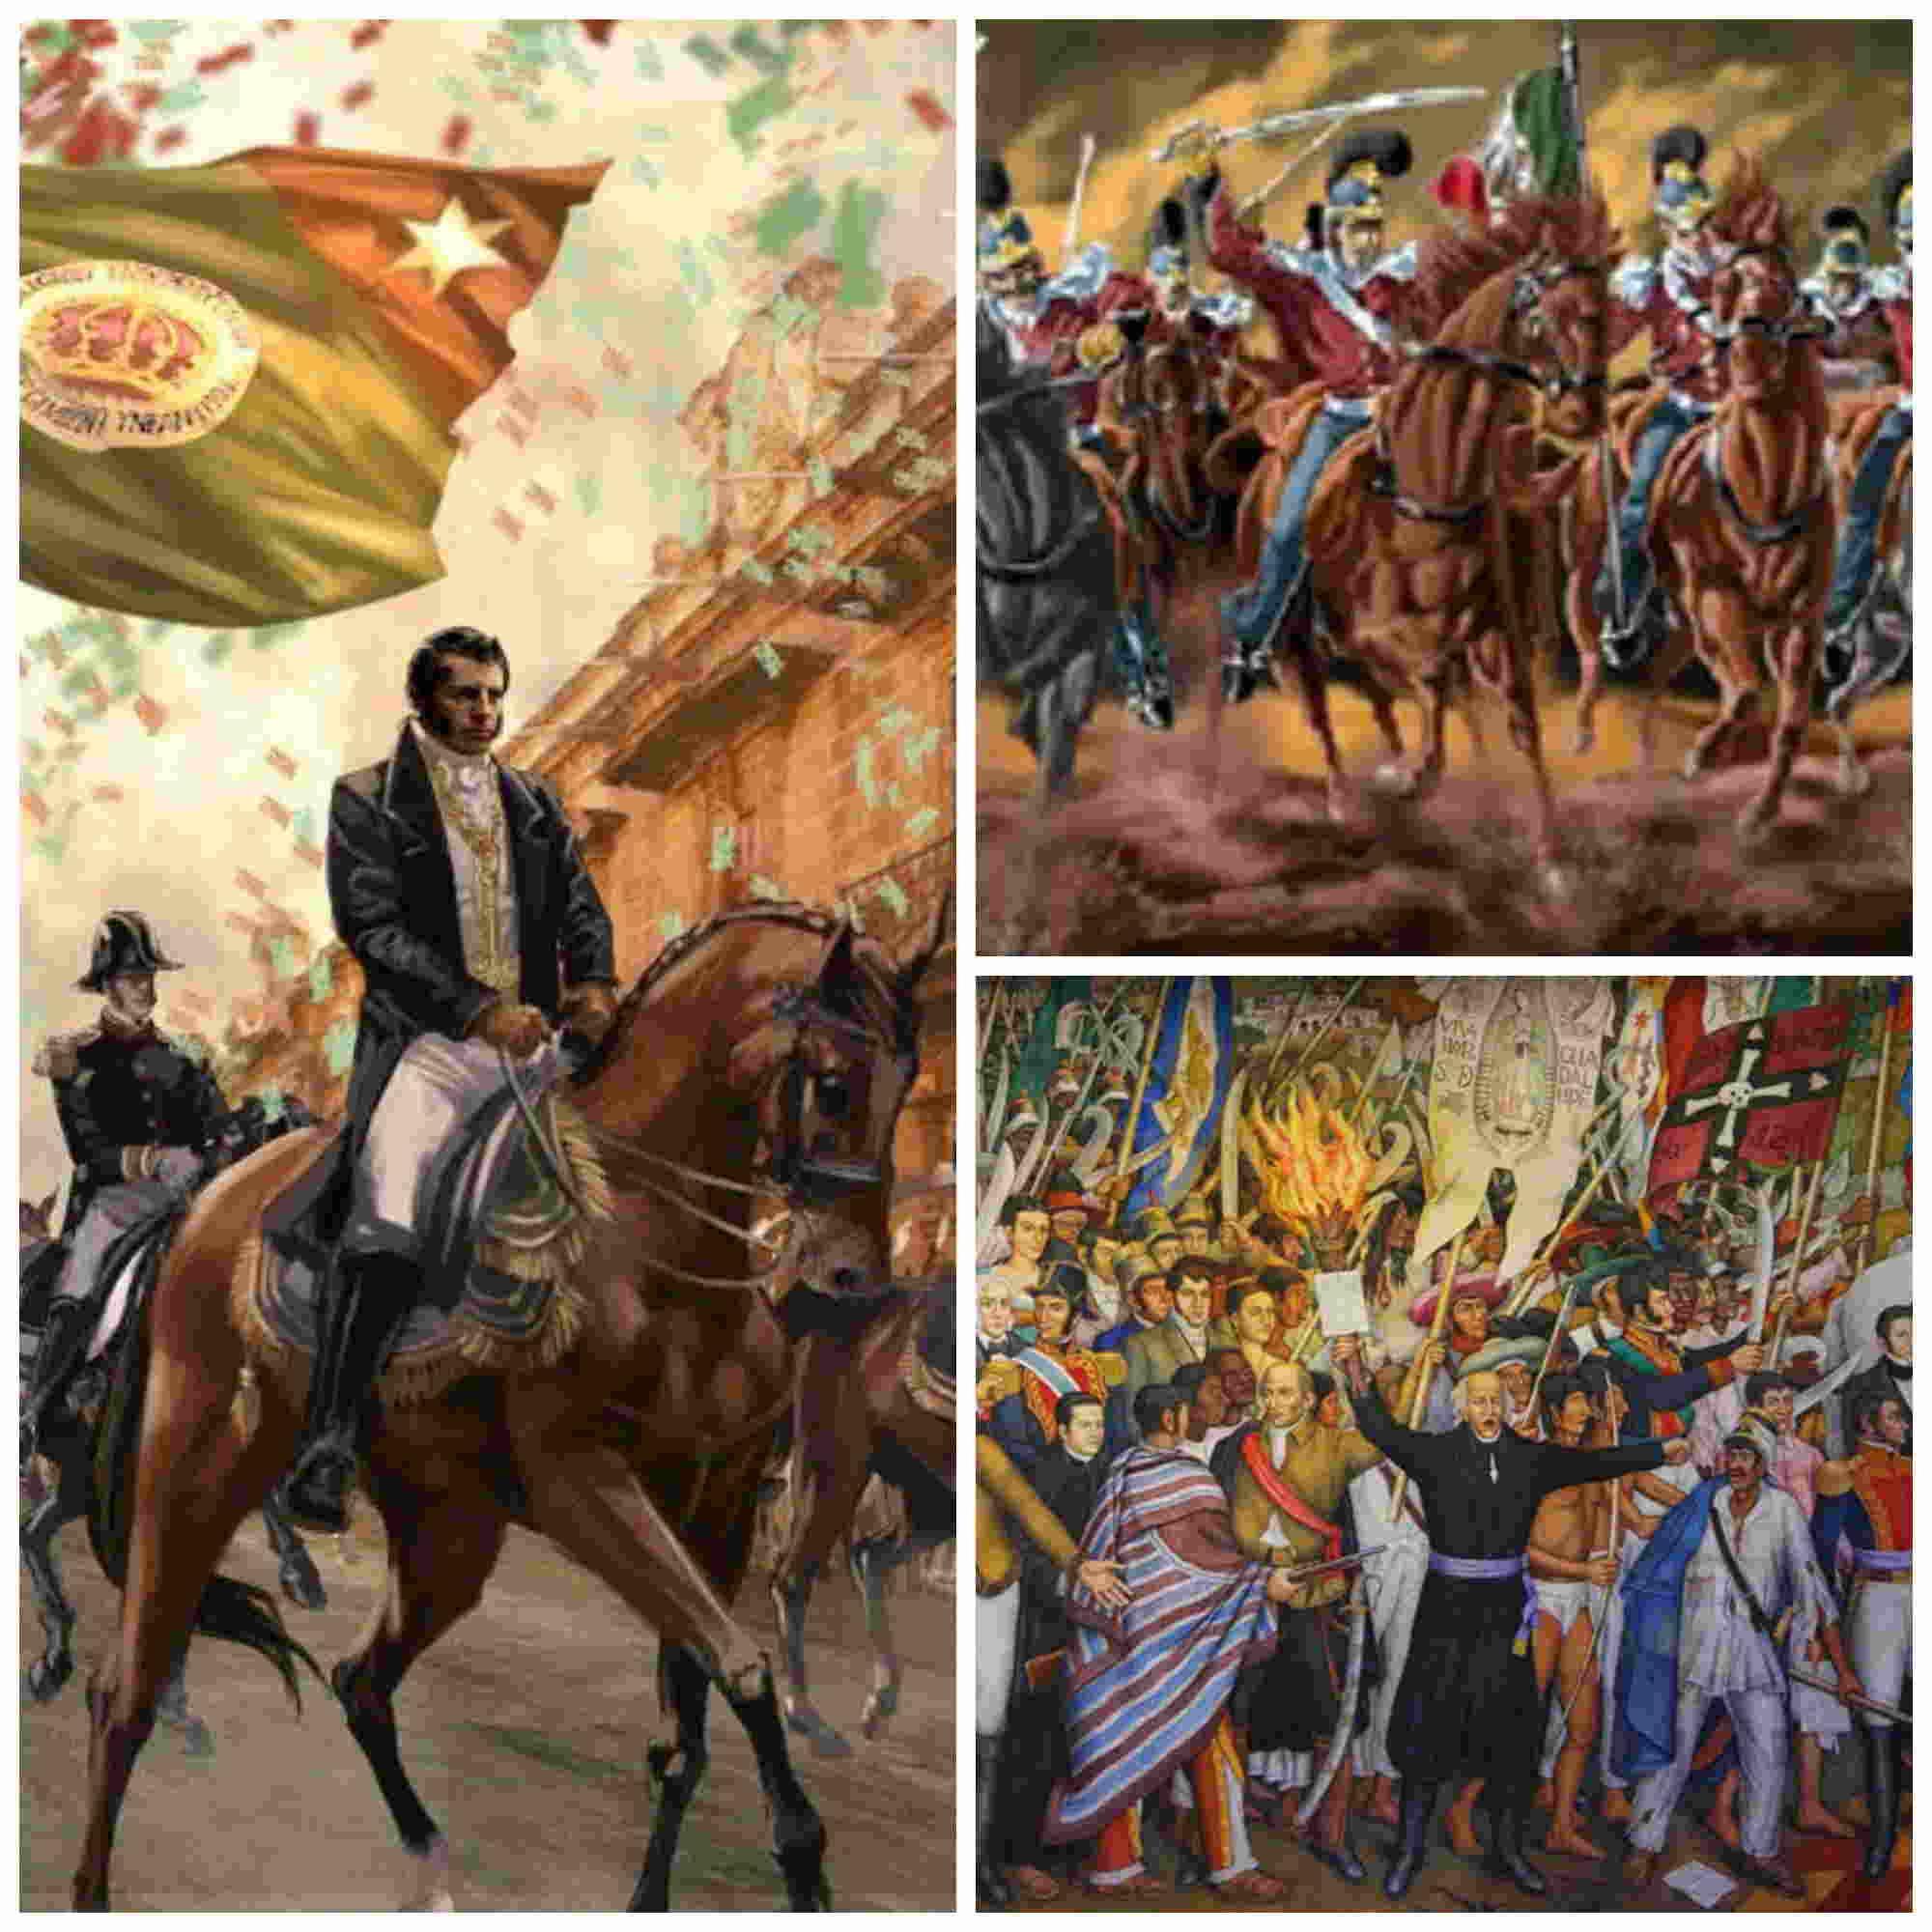 La independencia mexicana vista a través de las rencillas criollas